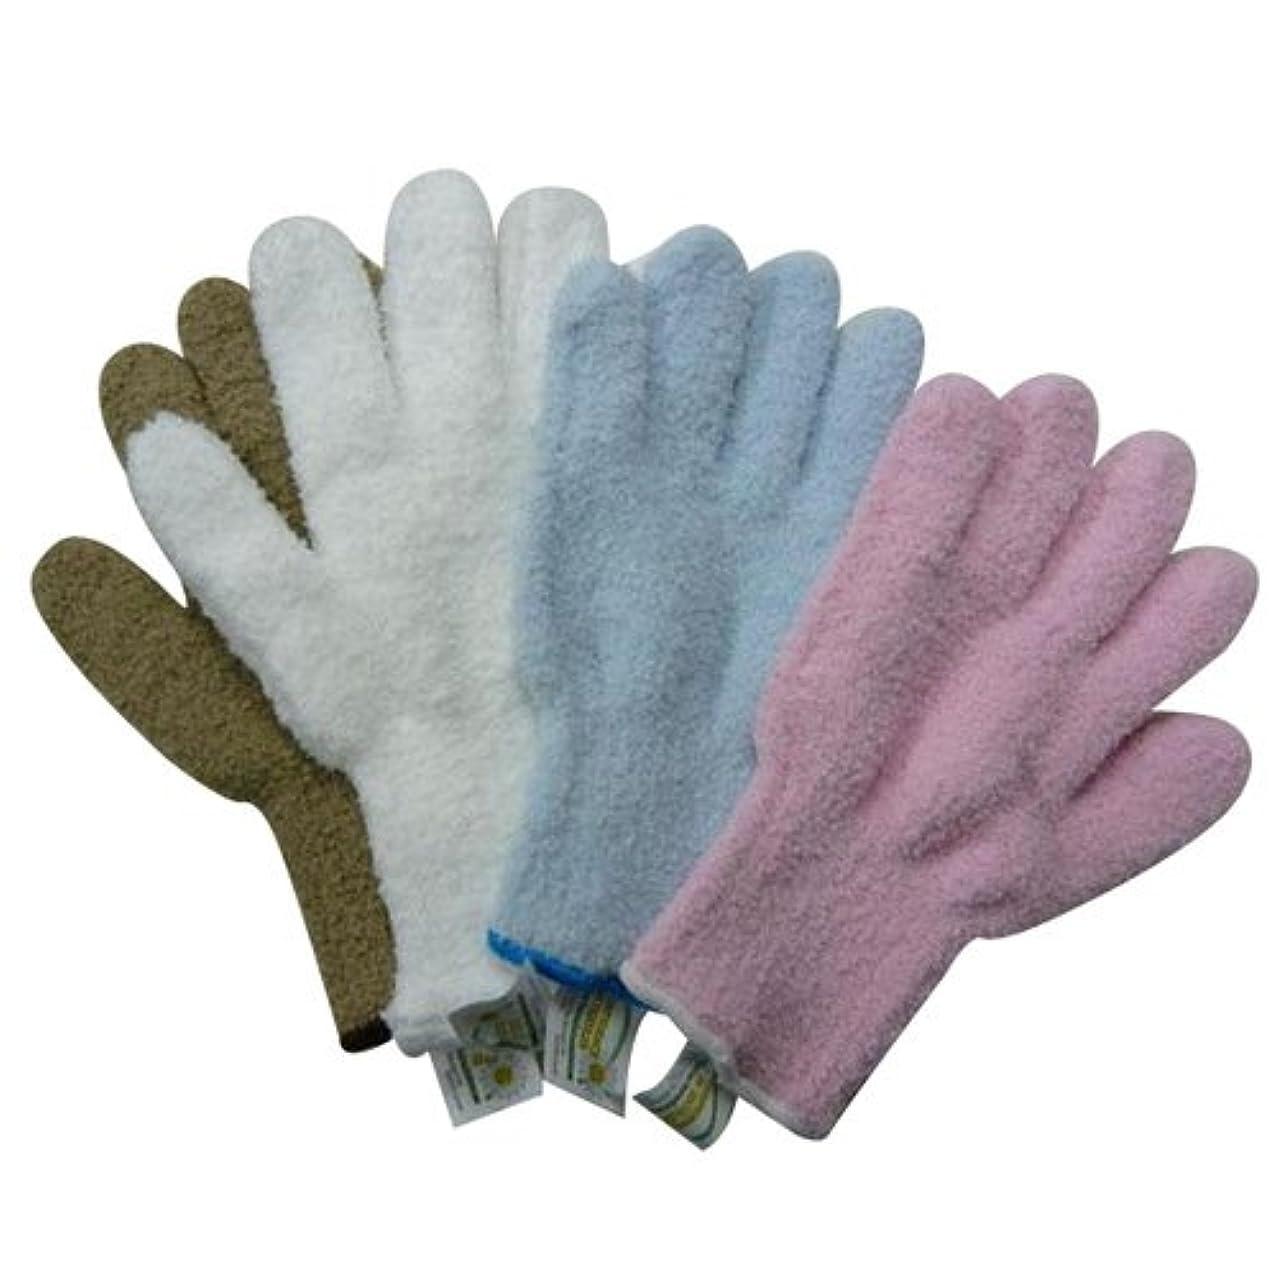 実質的旧正月注文ウルトラ?マイクロファイバー手袋 エコテックスタグ付き×4色セット(KE702-WH?SB?BE?PK) 5007an